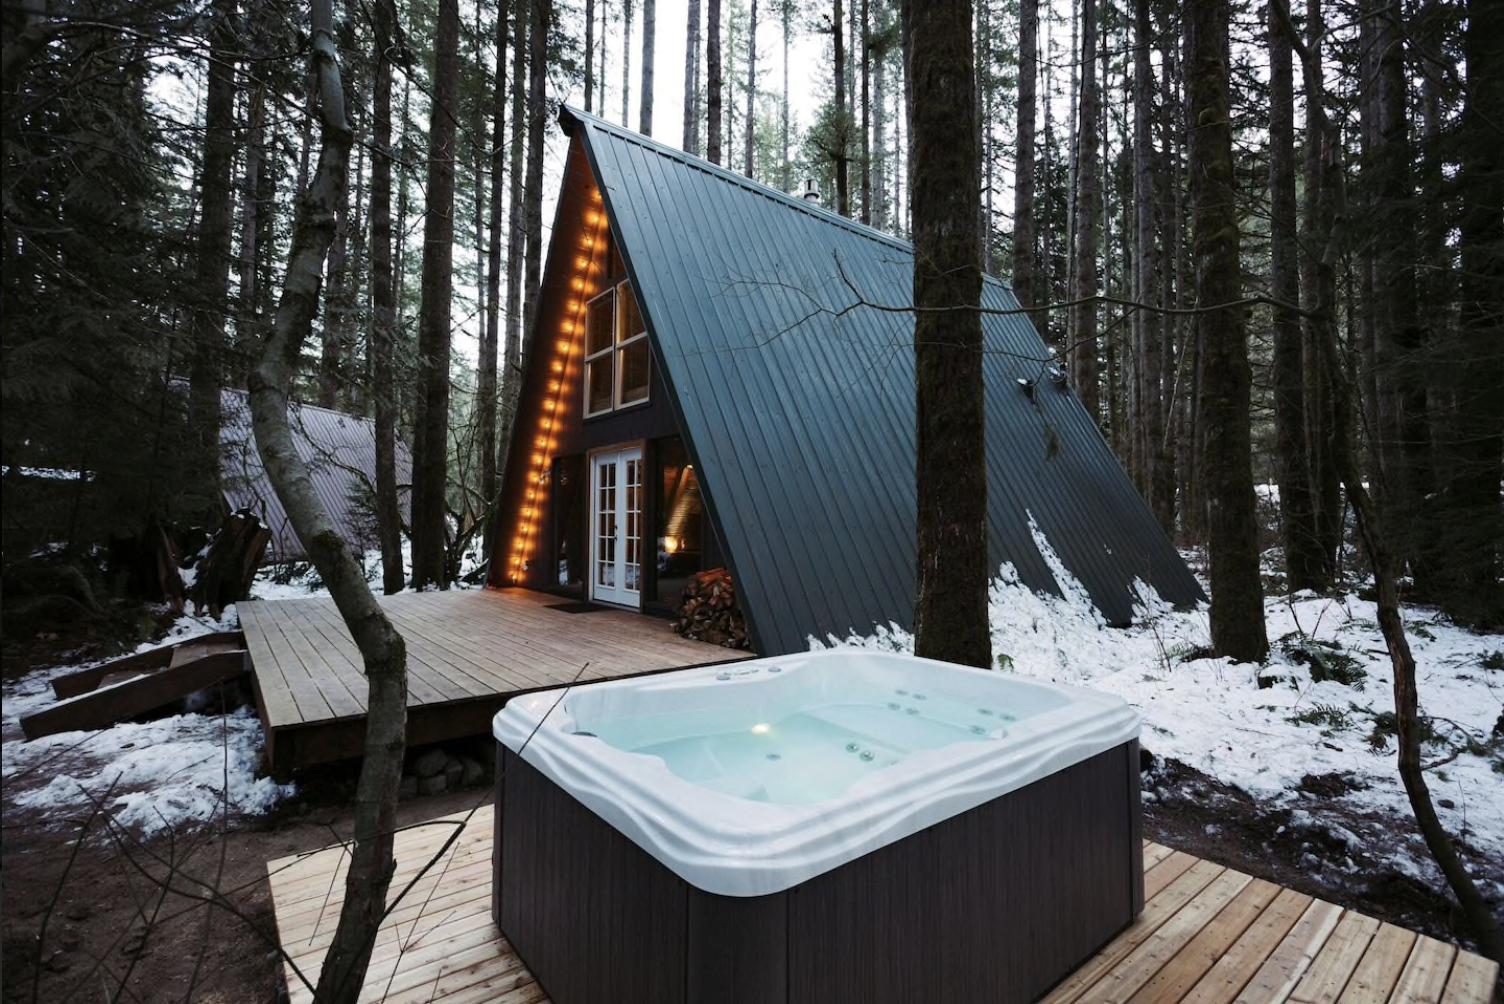 Tye Haus - USA Airbnb